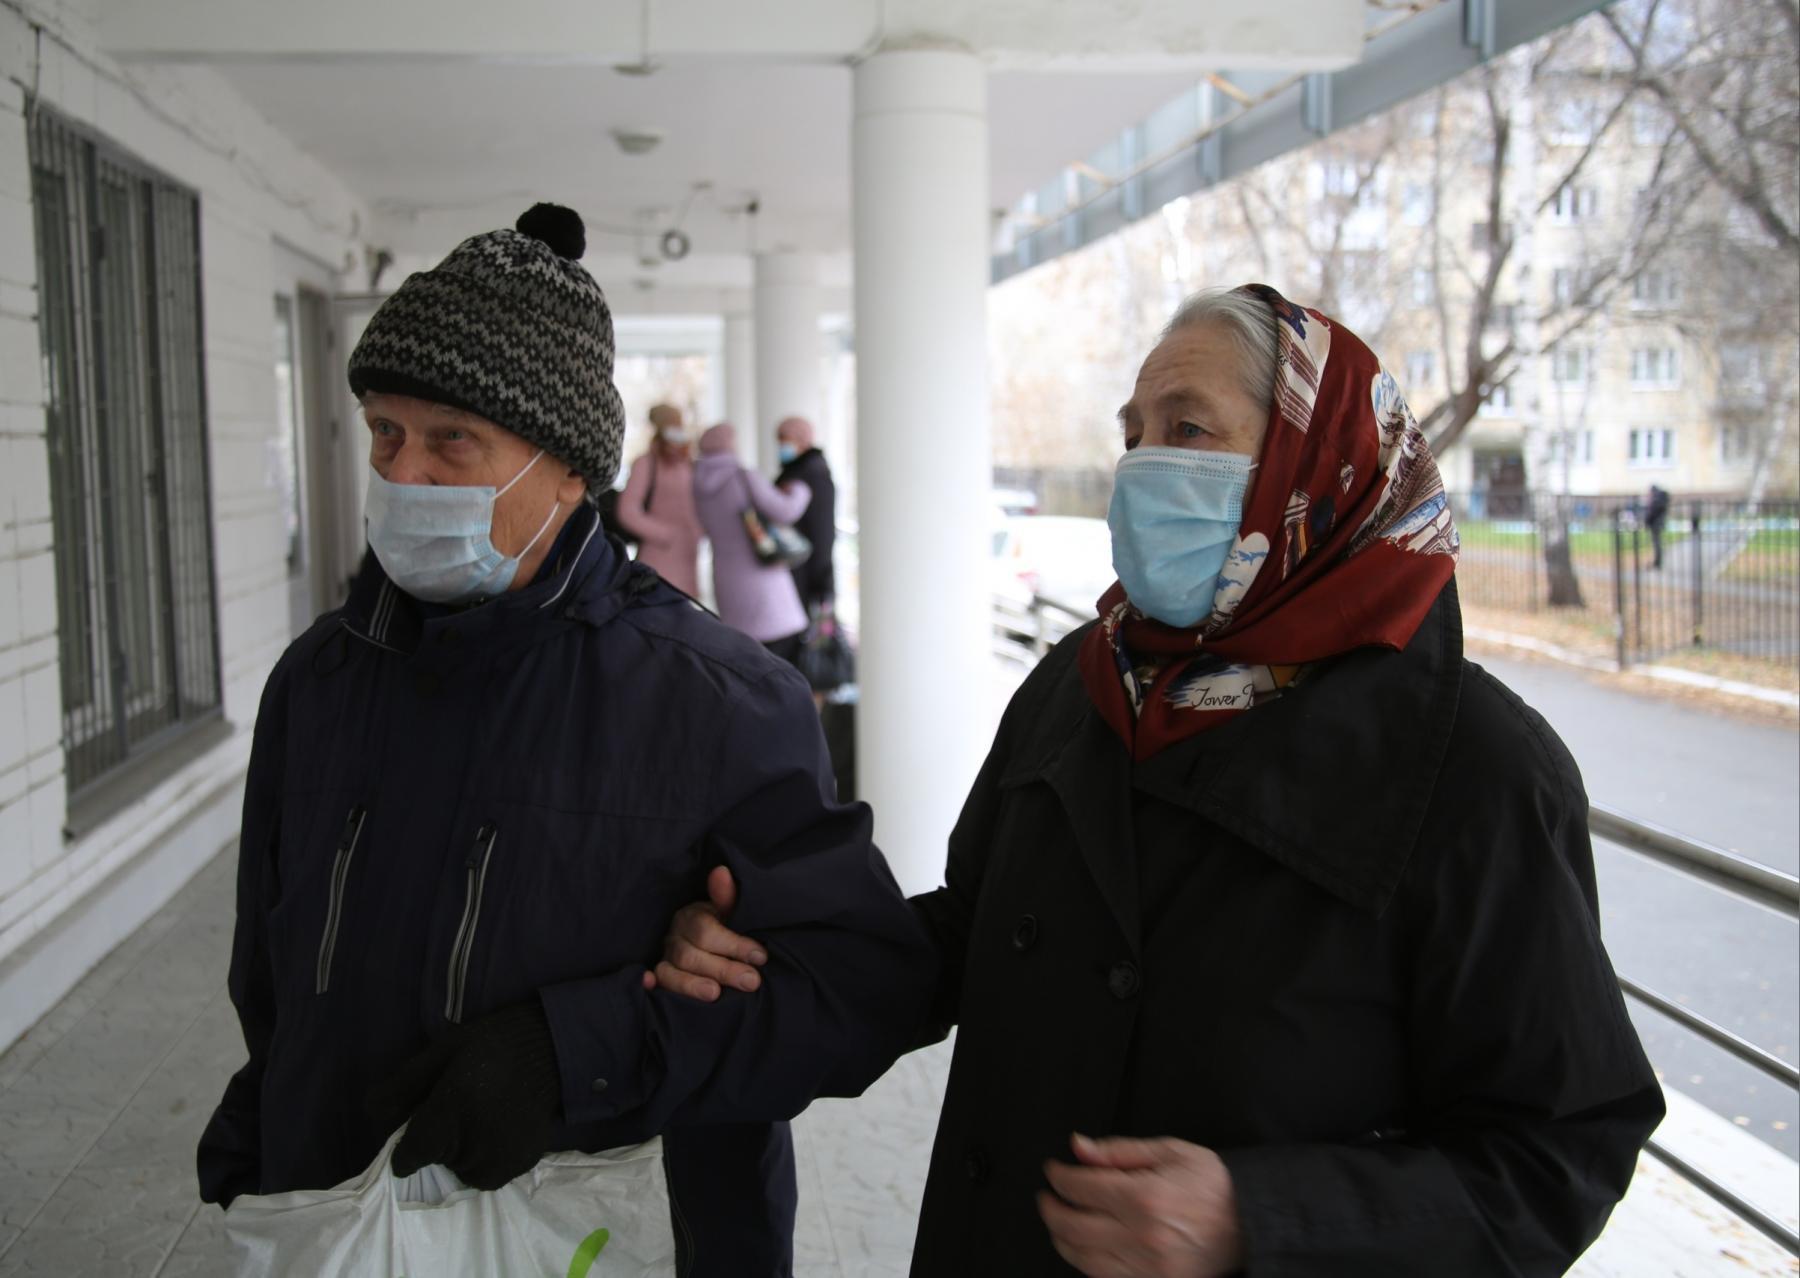 фото «Я не буду ставить на себе эксперименты»: что новосибирцы думают о российской вакцине от коронавируса 6